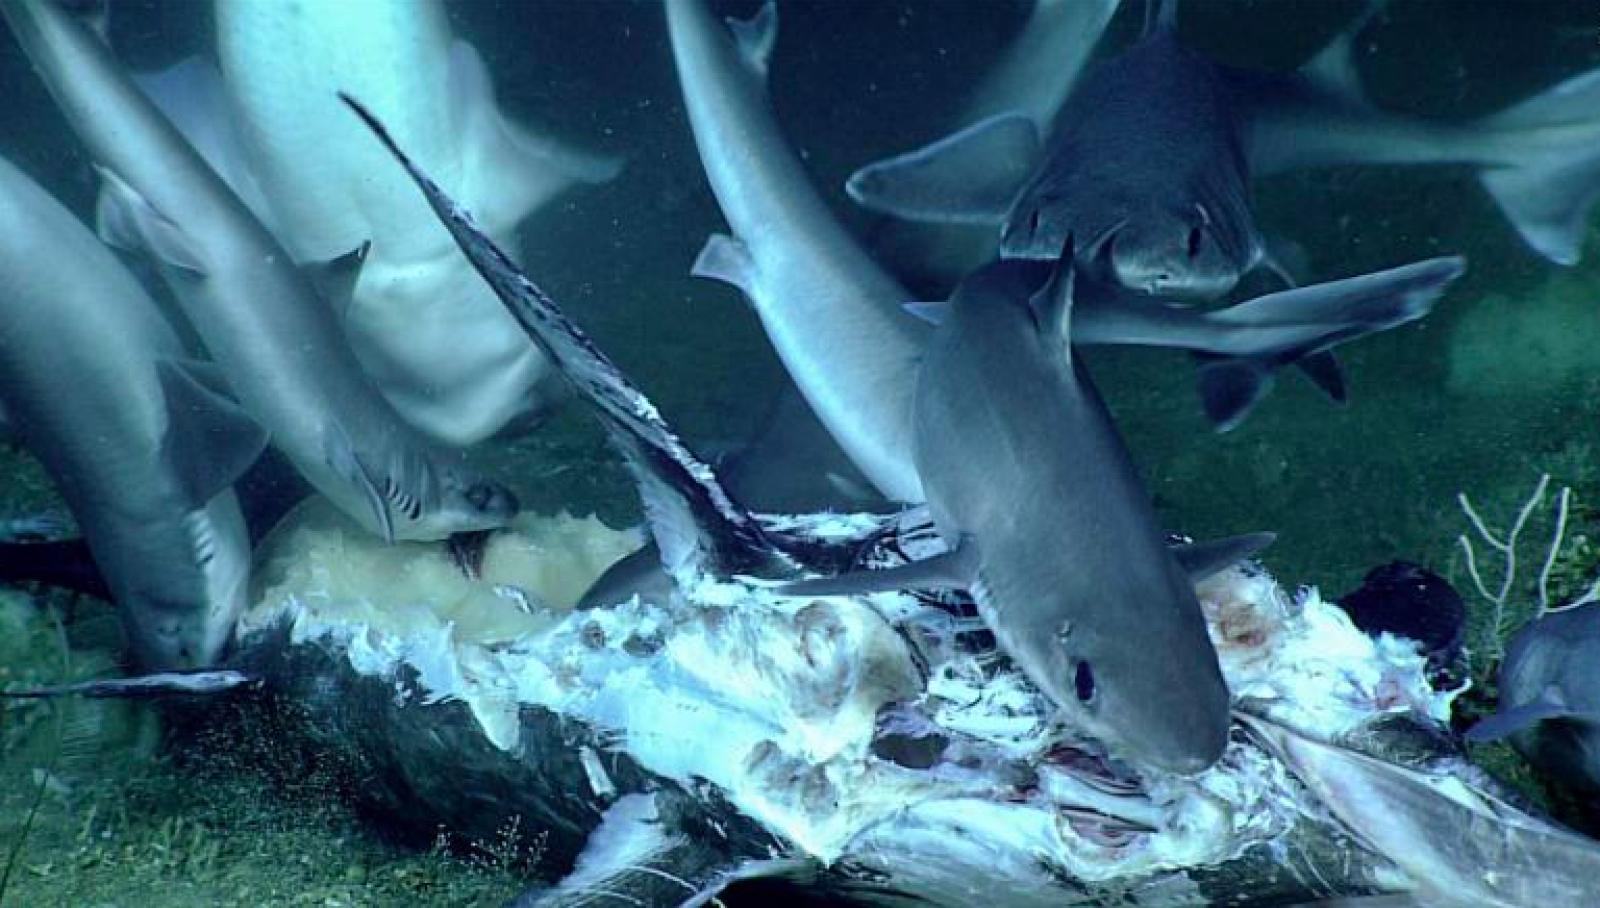 Taurons menjant-se un peix espasa mort